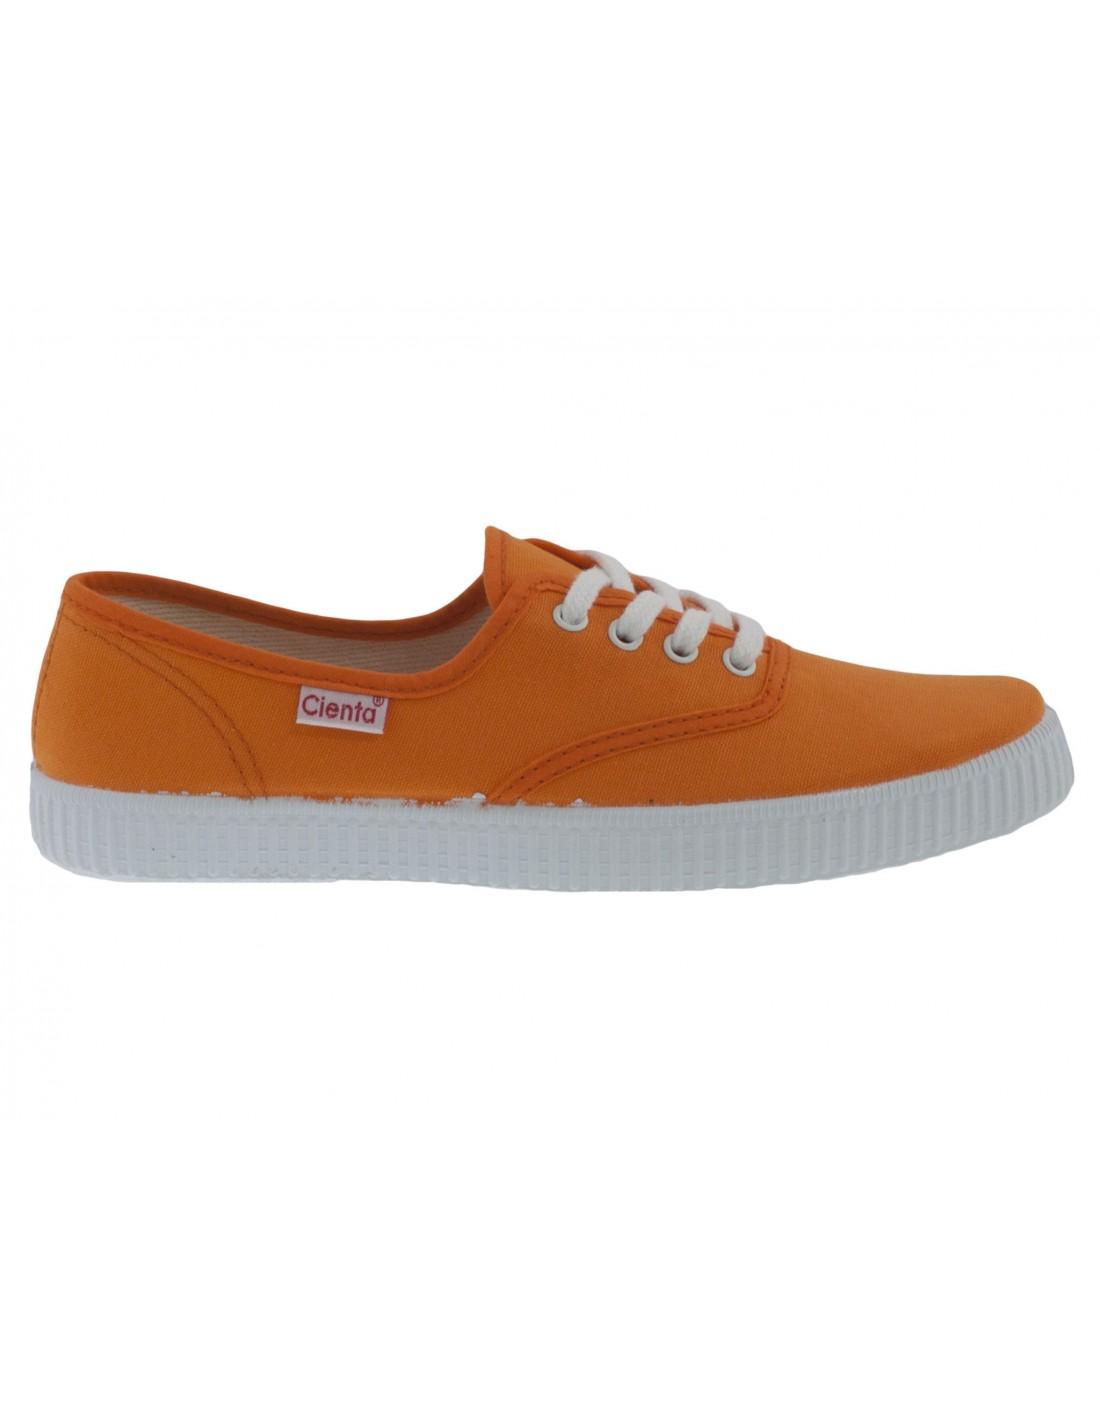 separation shoes b8c2f 014cb Scarpe estive bambino Cienta con lacci arancione